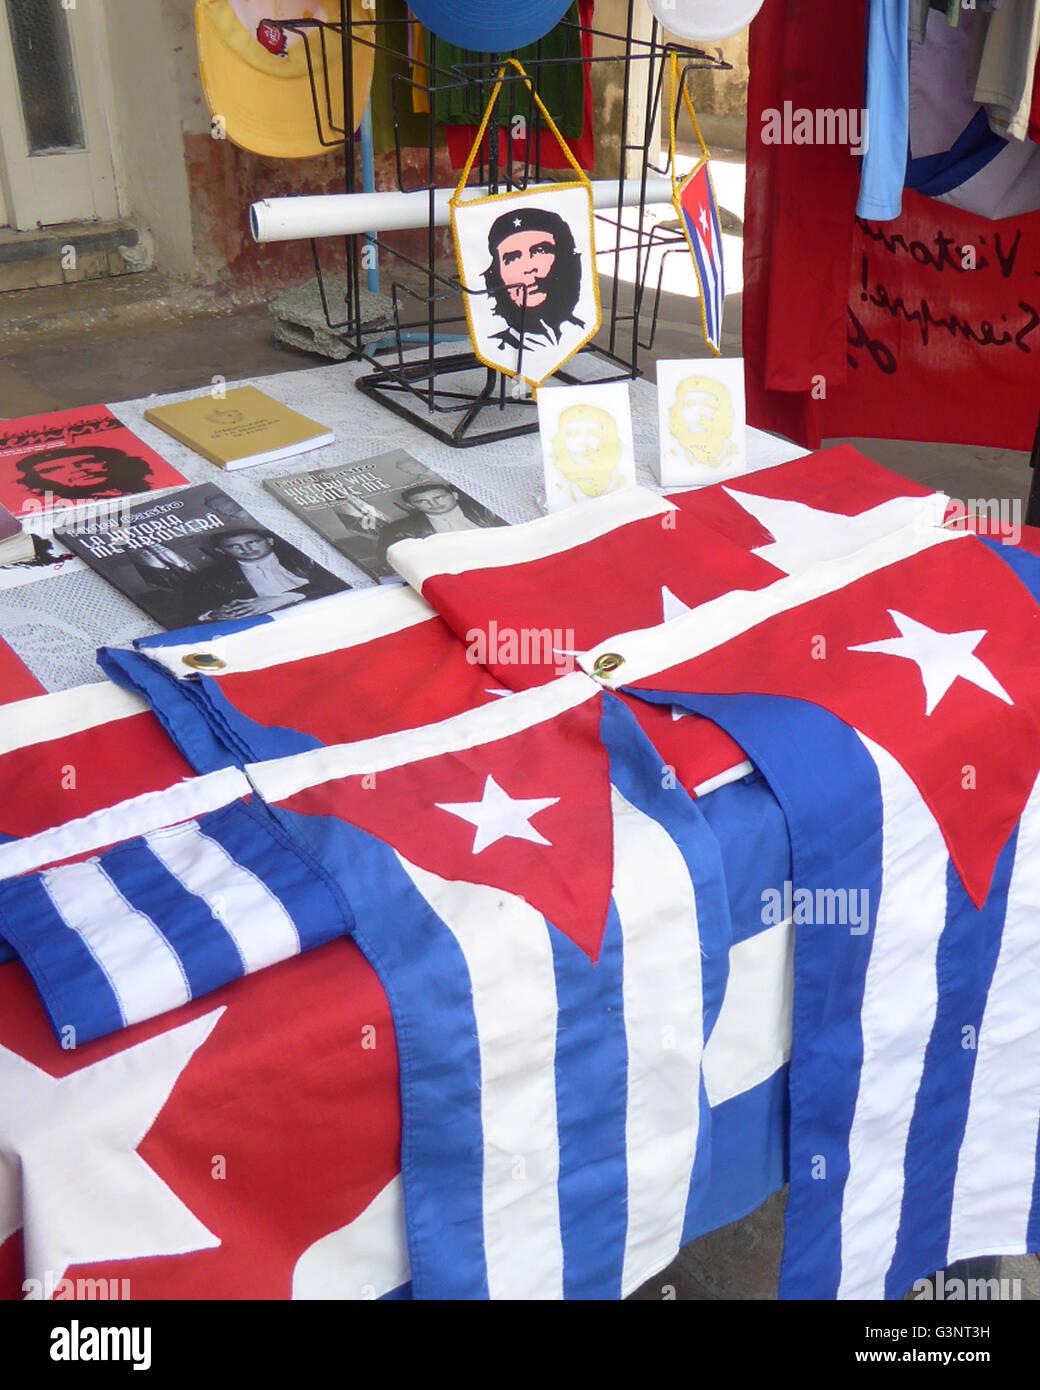 Cuba 2015 Cuban flags Che Guevara books - Stock Image